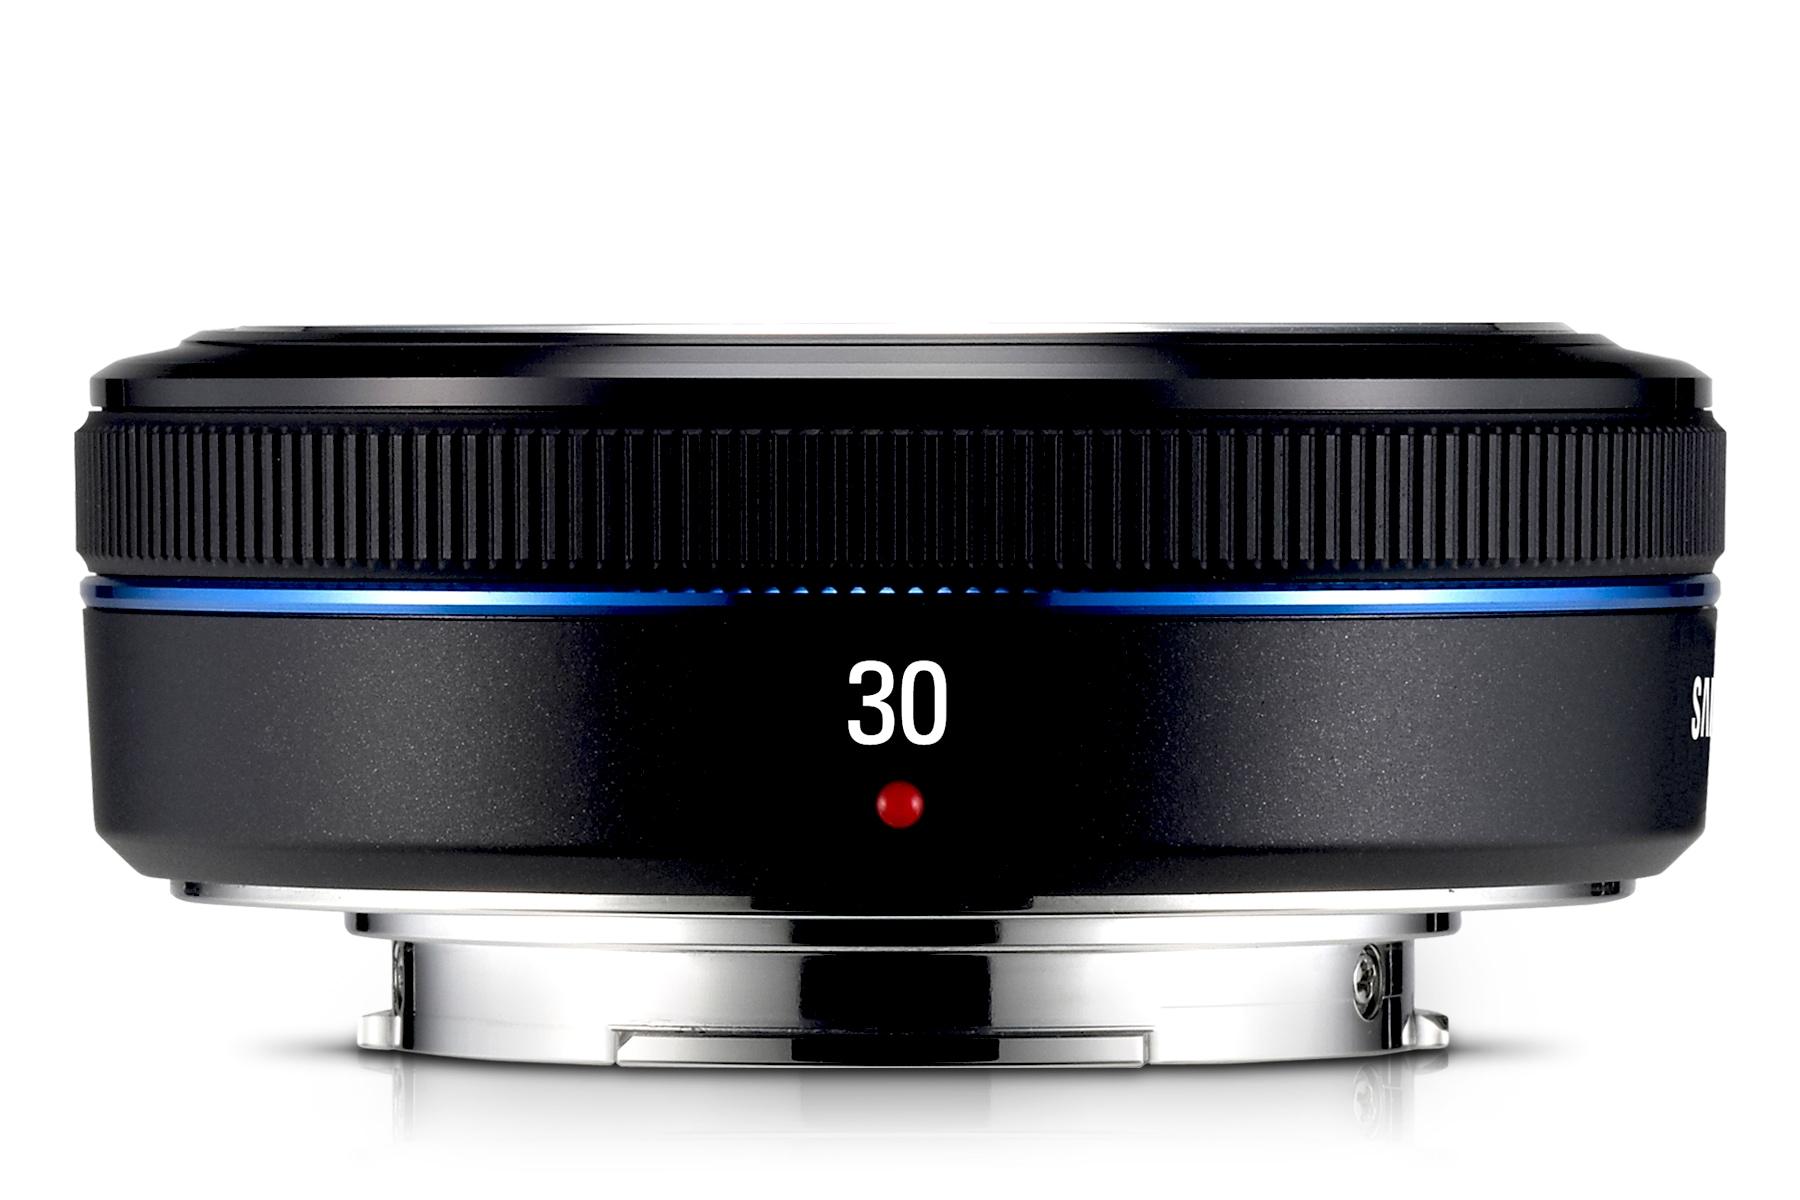 NX 30mm f2.0